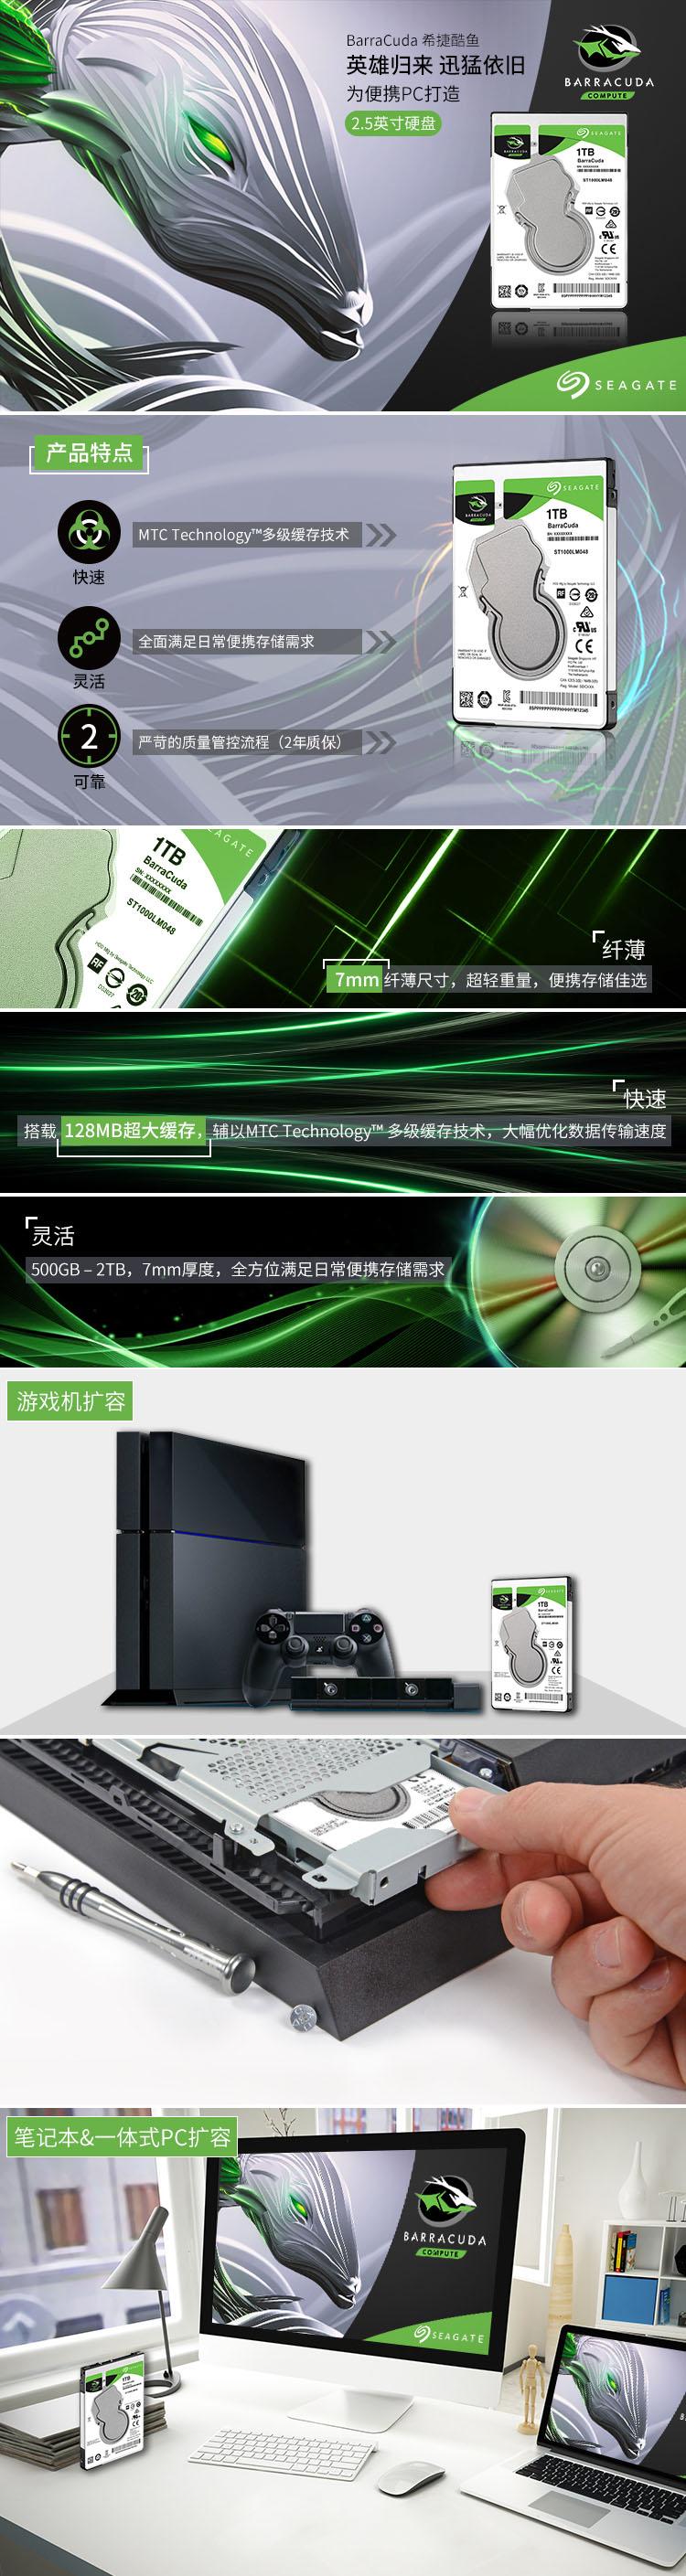 希捷(SEAGATE) 酷鱼2T笔记本硬盘2.5英寸128M机械盘ST2000LM015